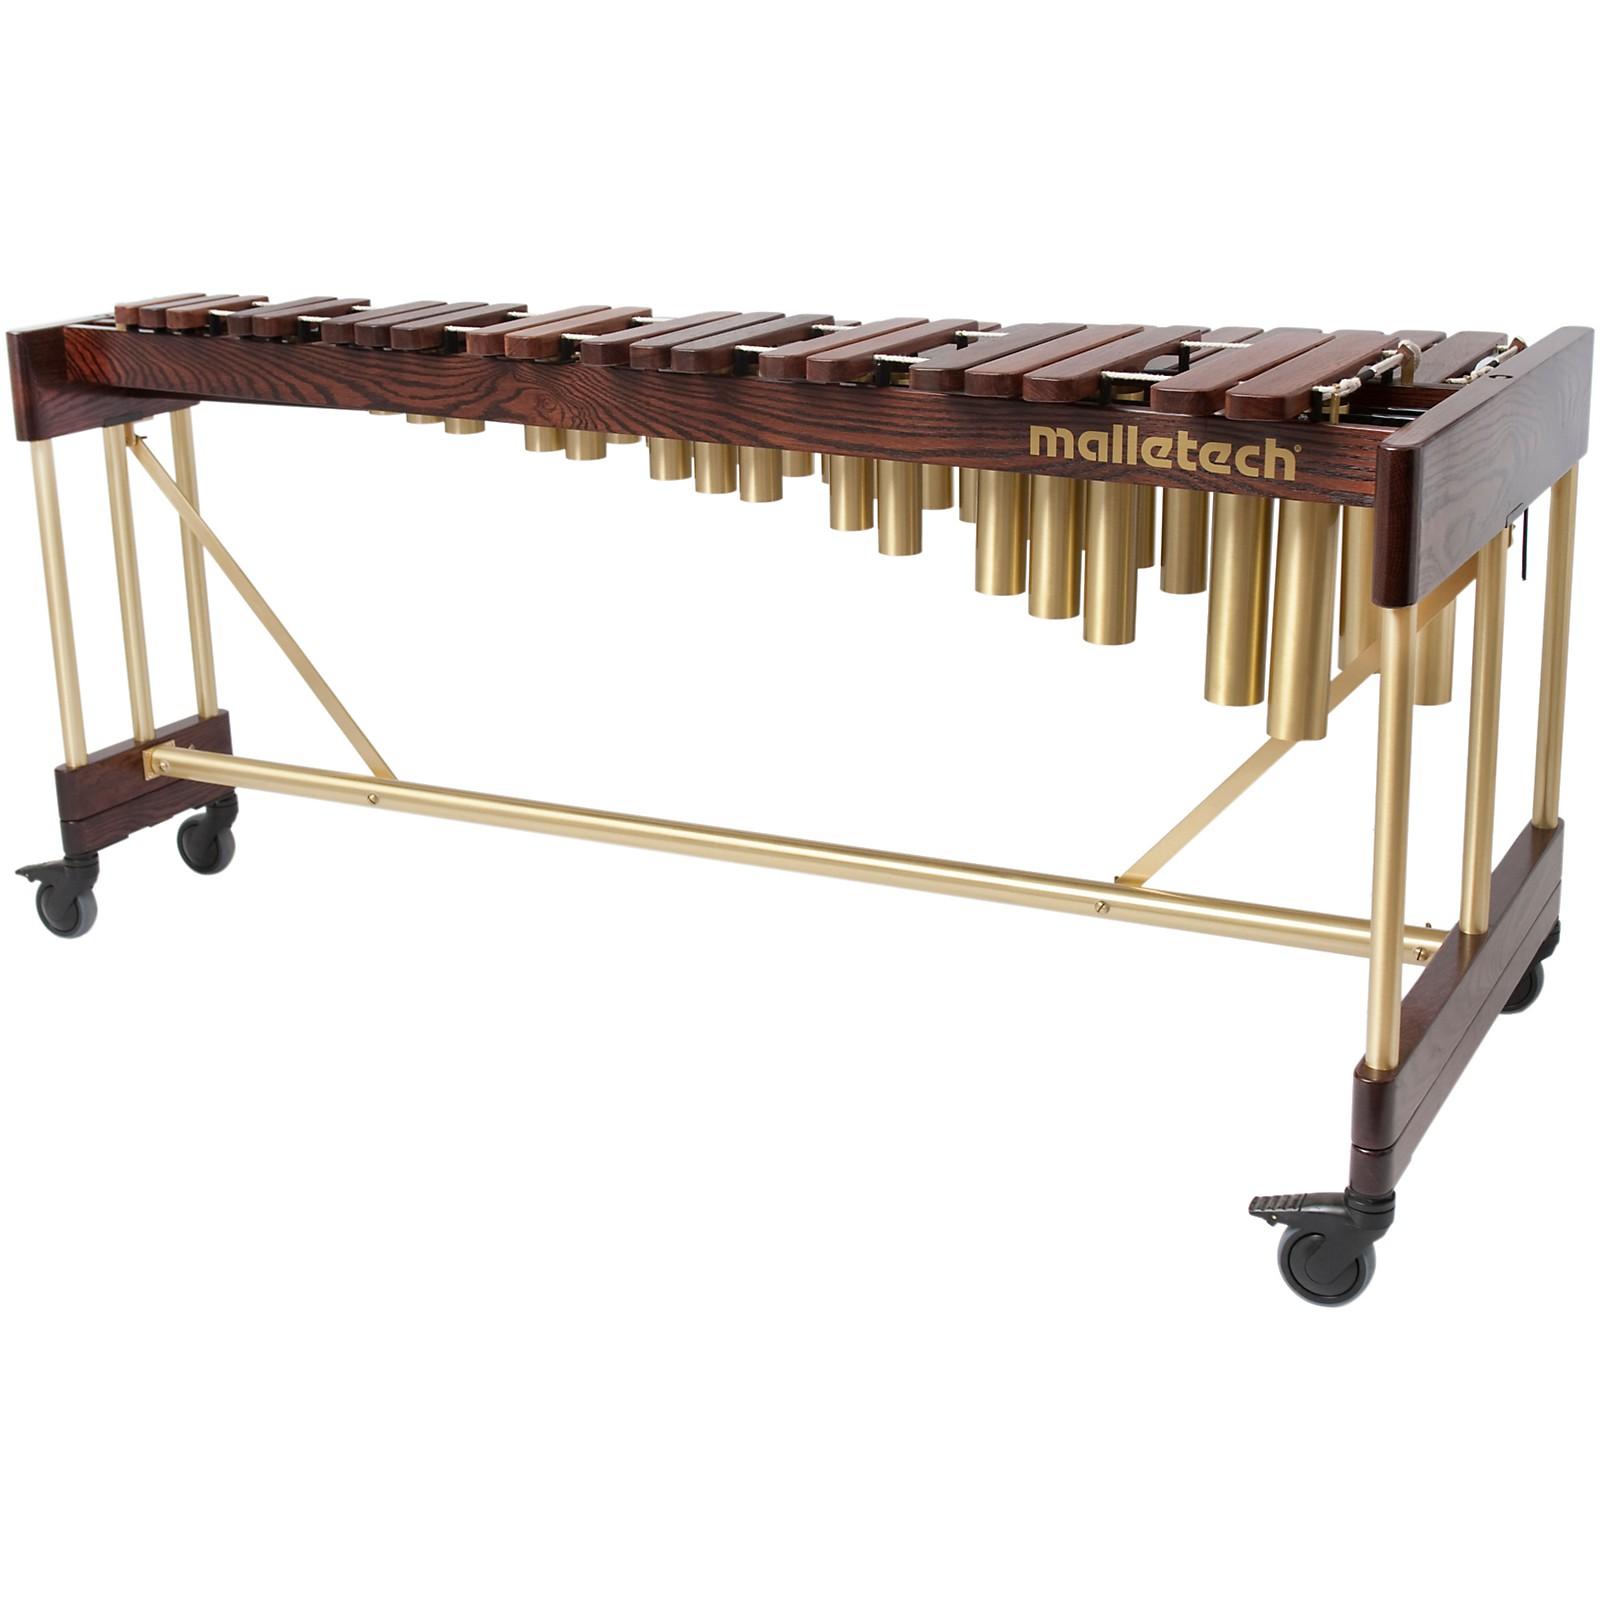 Malletech Hgt. Adjustable Concert Xylophone